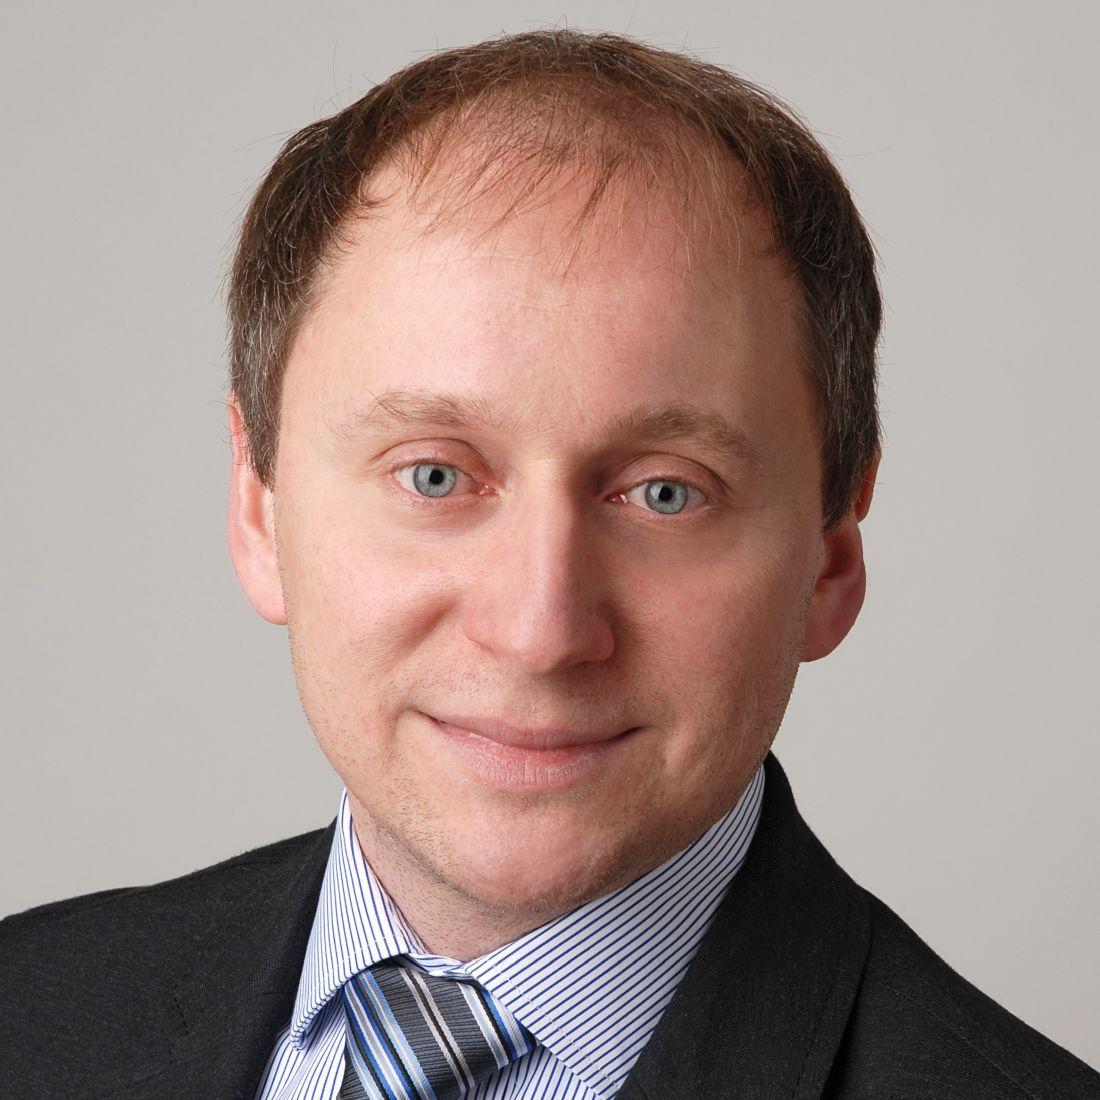 Michael Czaplik